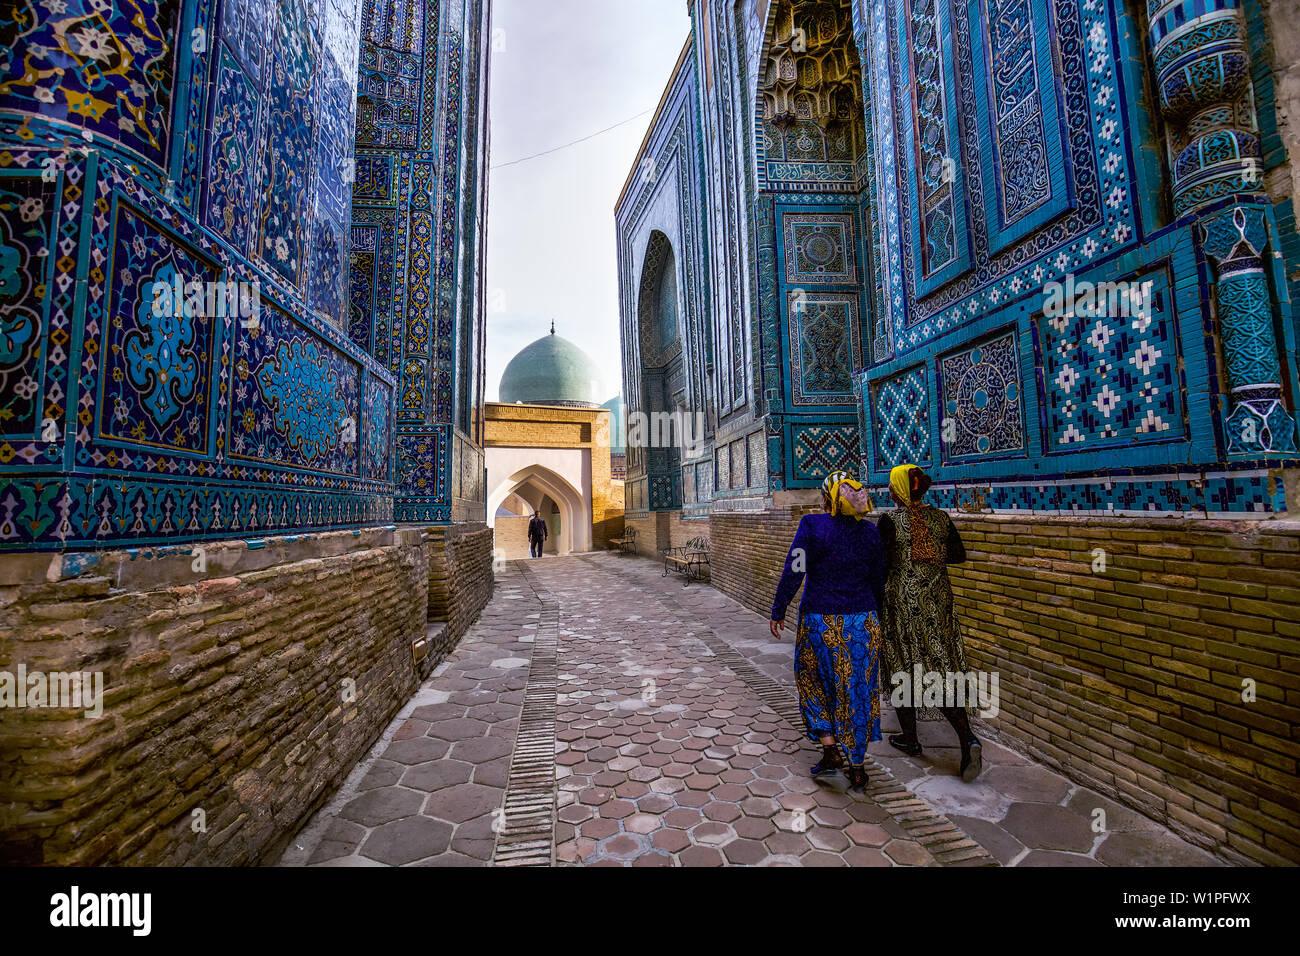 Shah-i-Zinda Necropolis of Samarkand, Uzbekistan, Asia Stock Photo